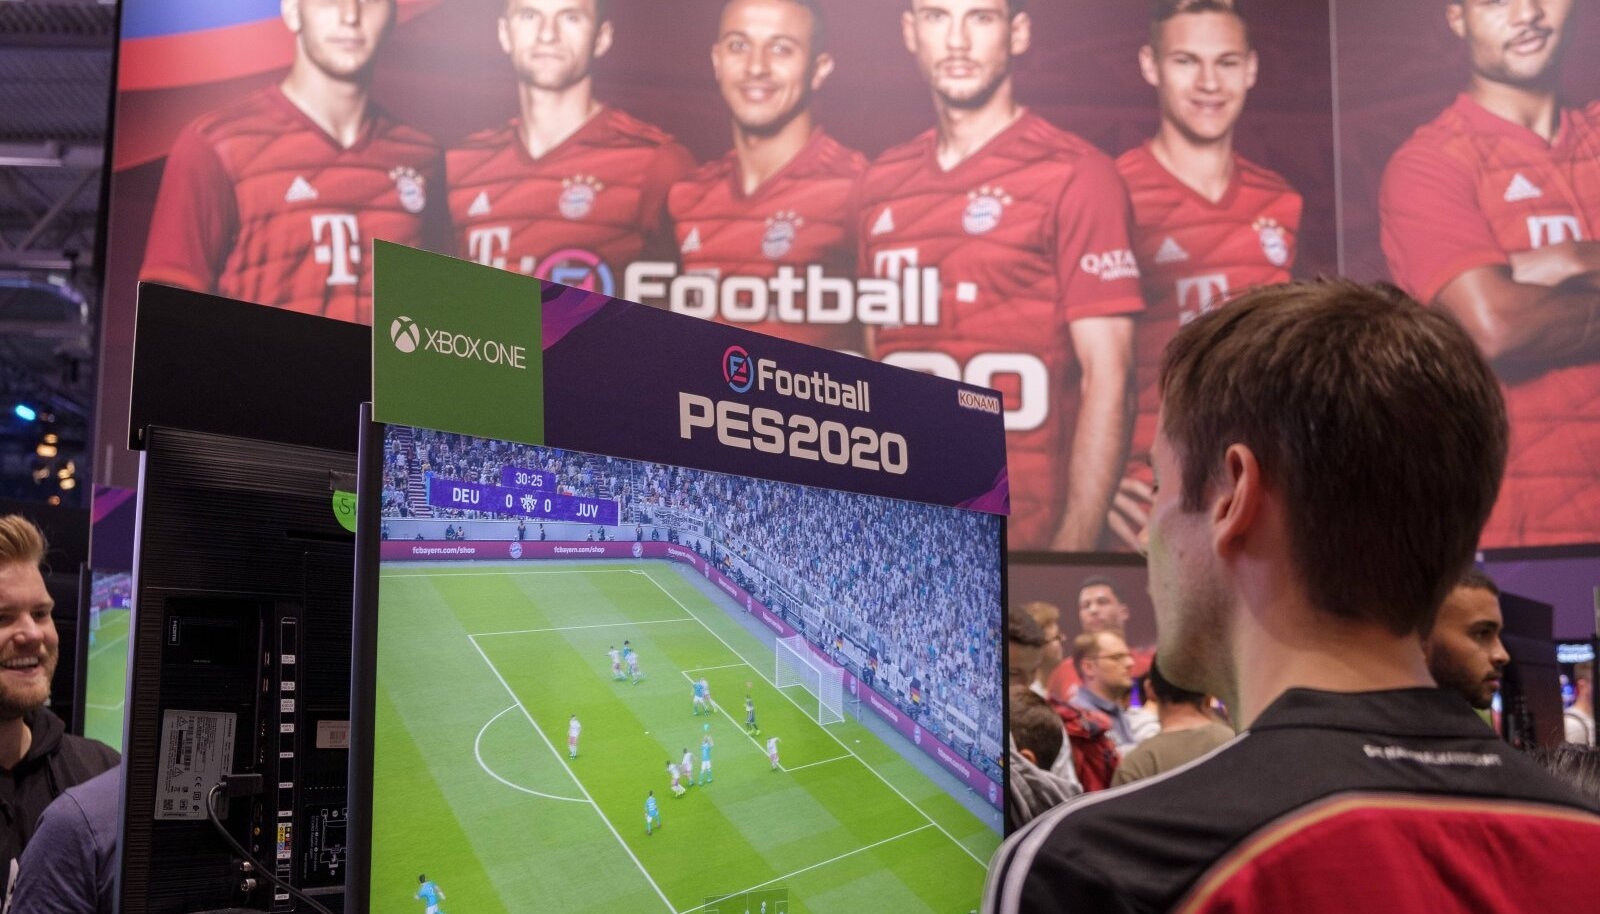 PES 2020 mängus saab kasutada ka täielikult litsenseeritud Eesti koondist